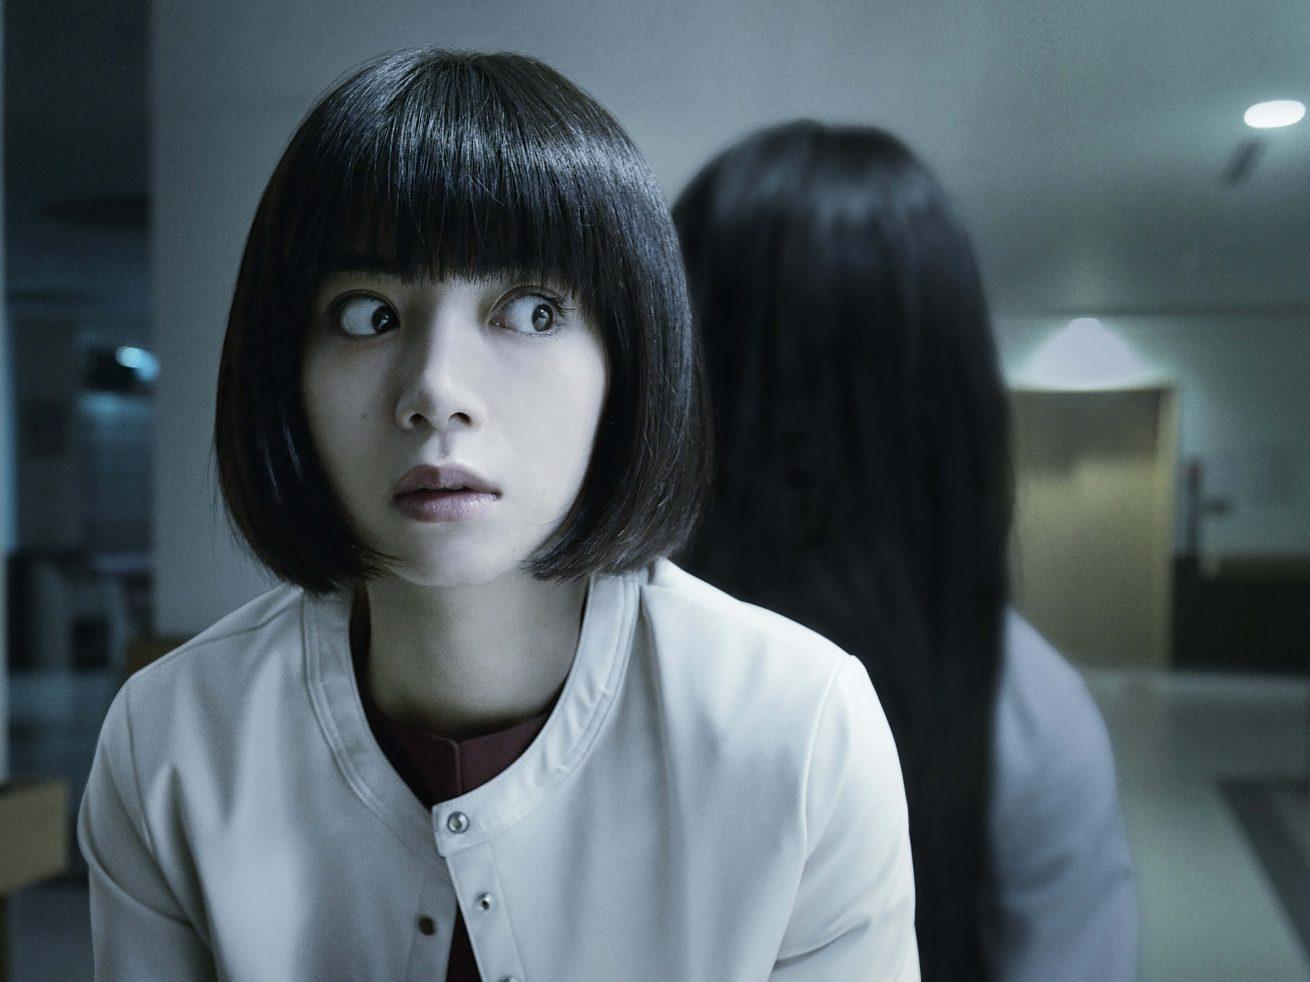 orijinal halka filminin yönetmeni hideo nakata'nın yeni projesi sadako'dan fragman